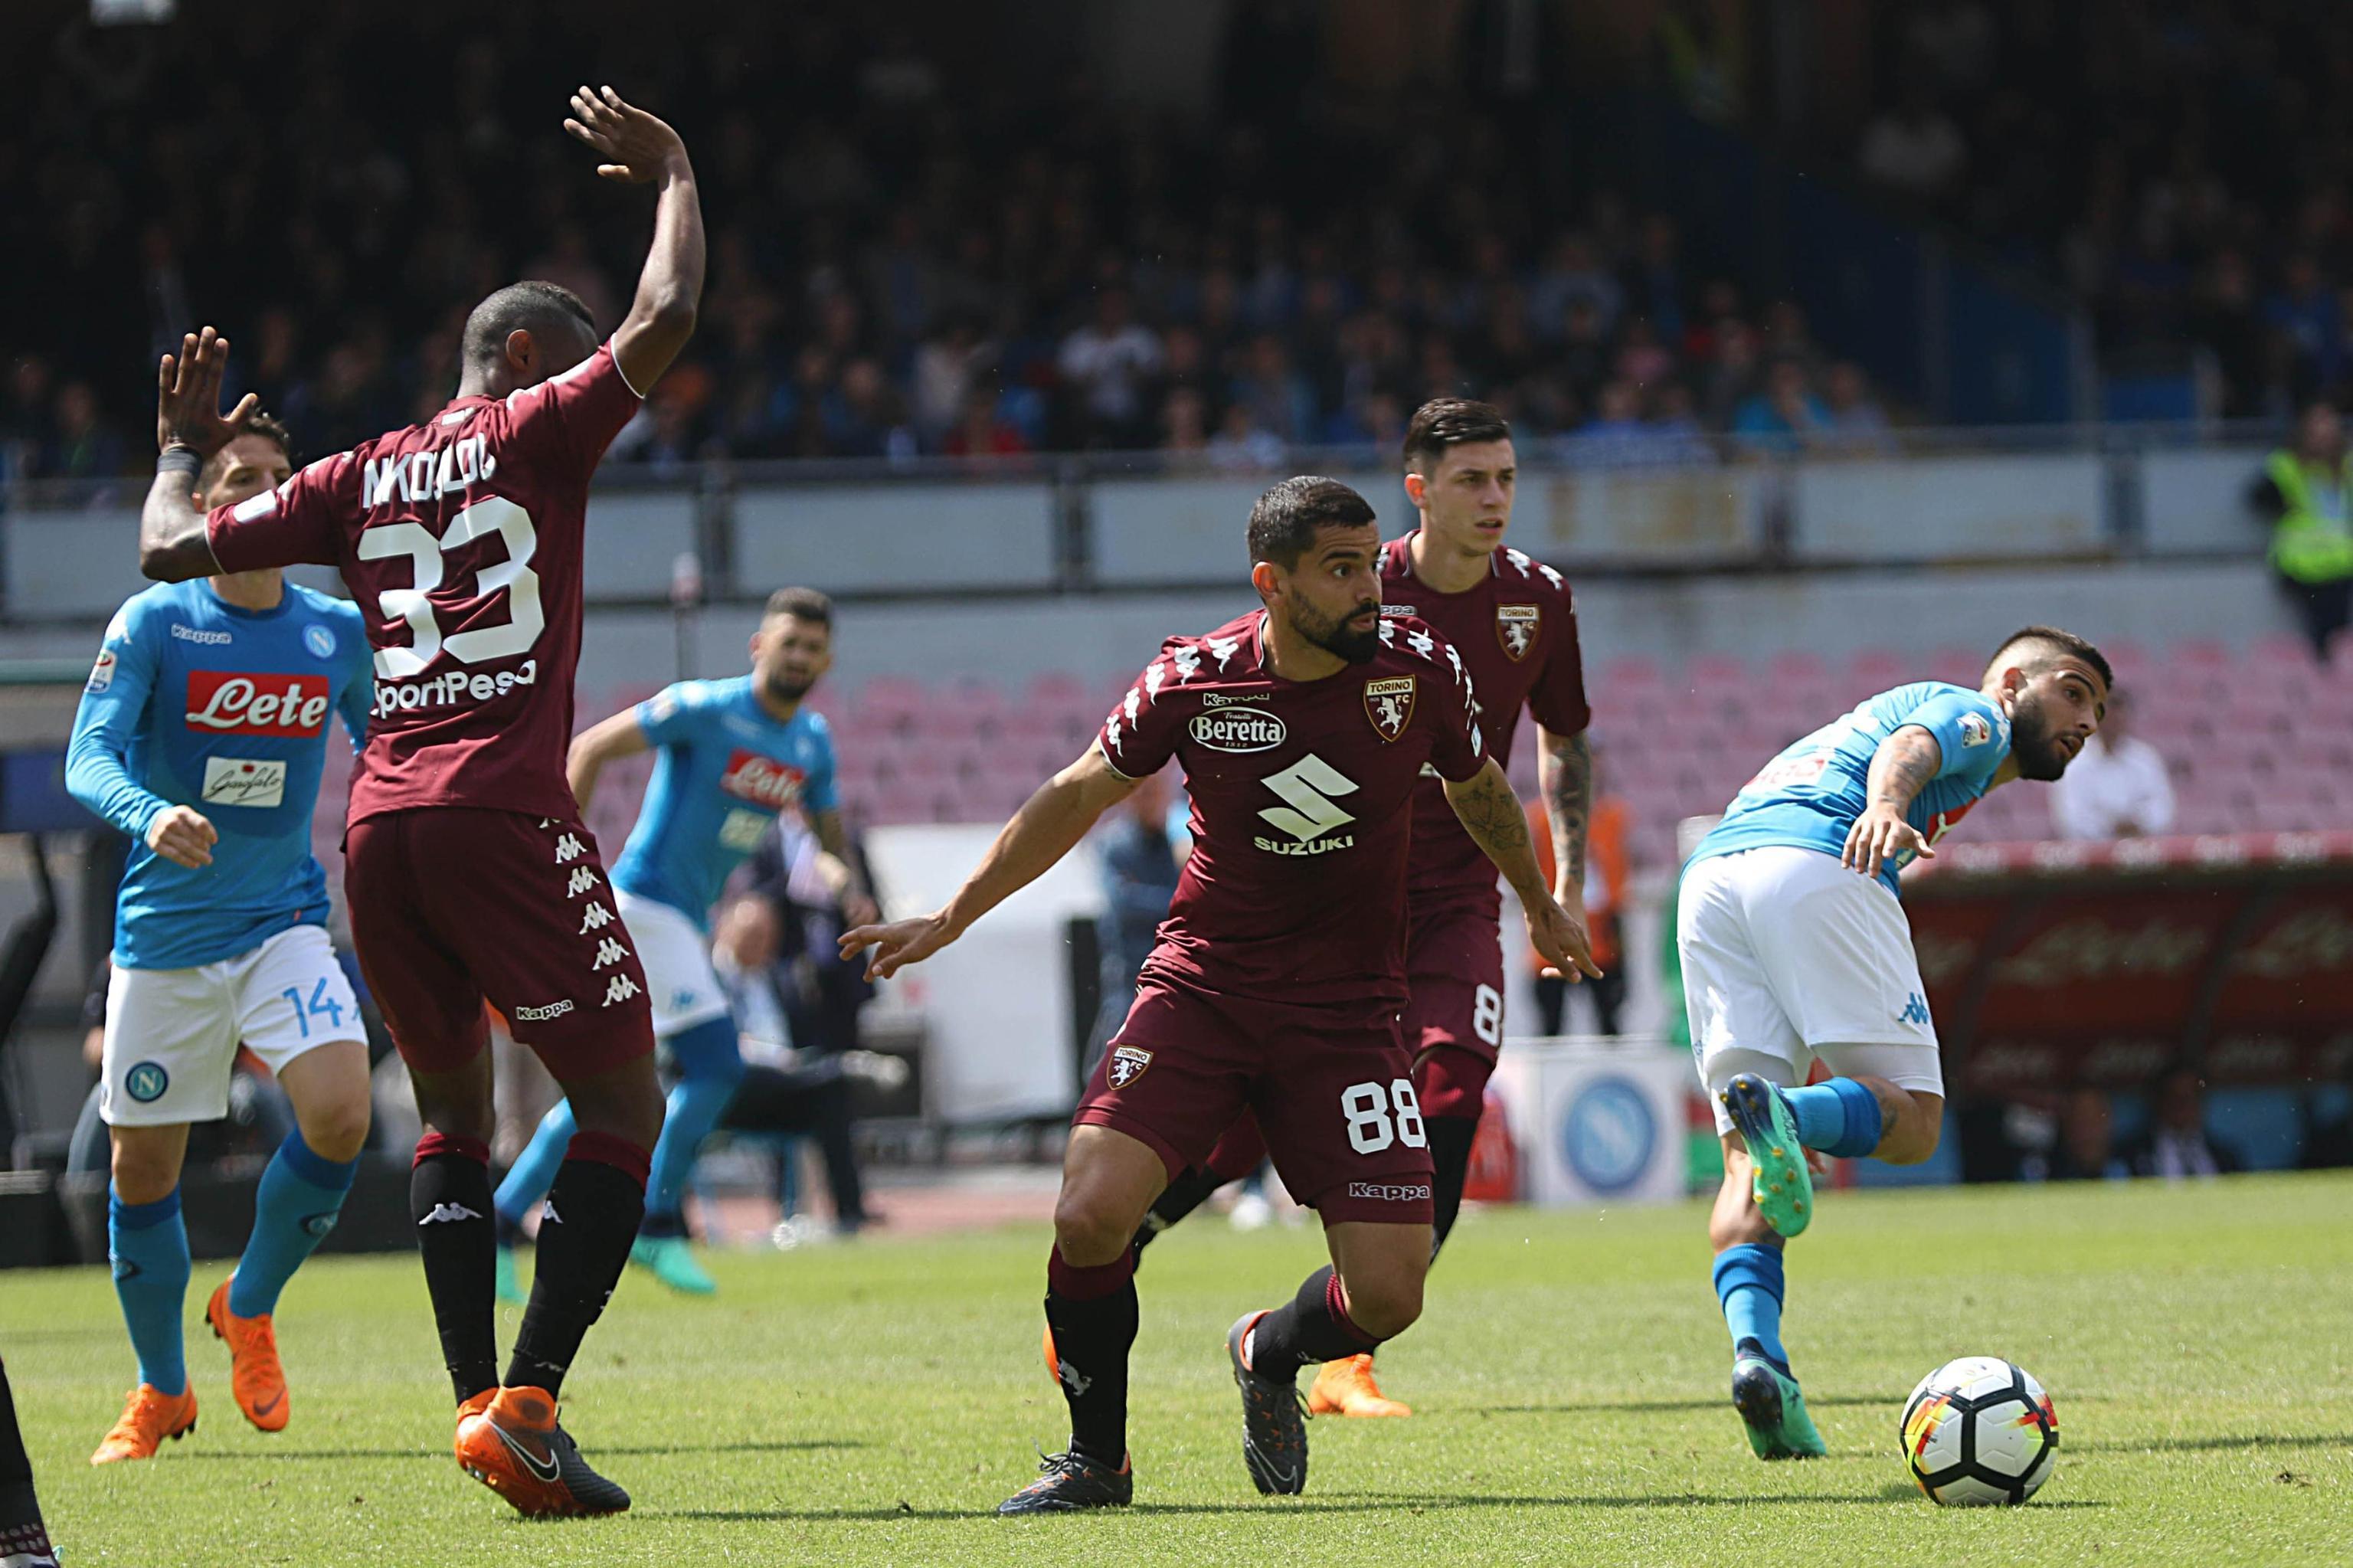 Serie A, Napoli-Torino 2-2: gli azzurri dicono addio allo scudetto